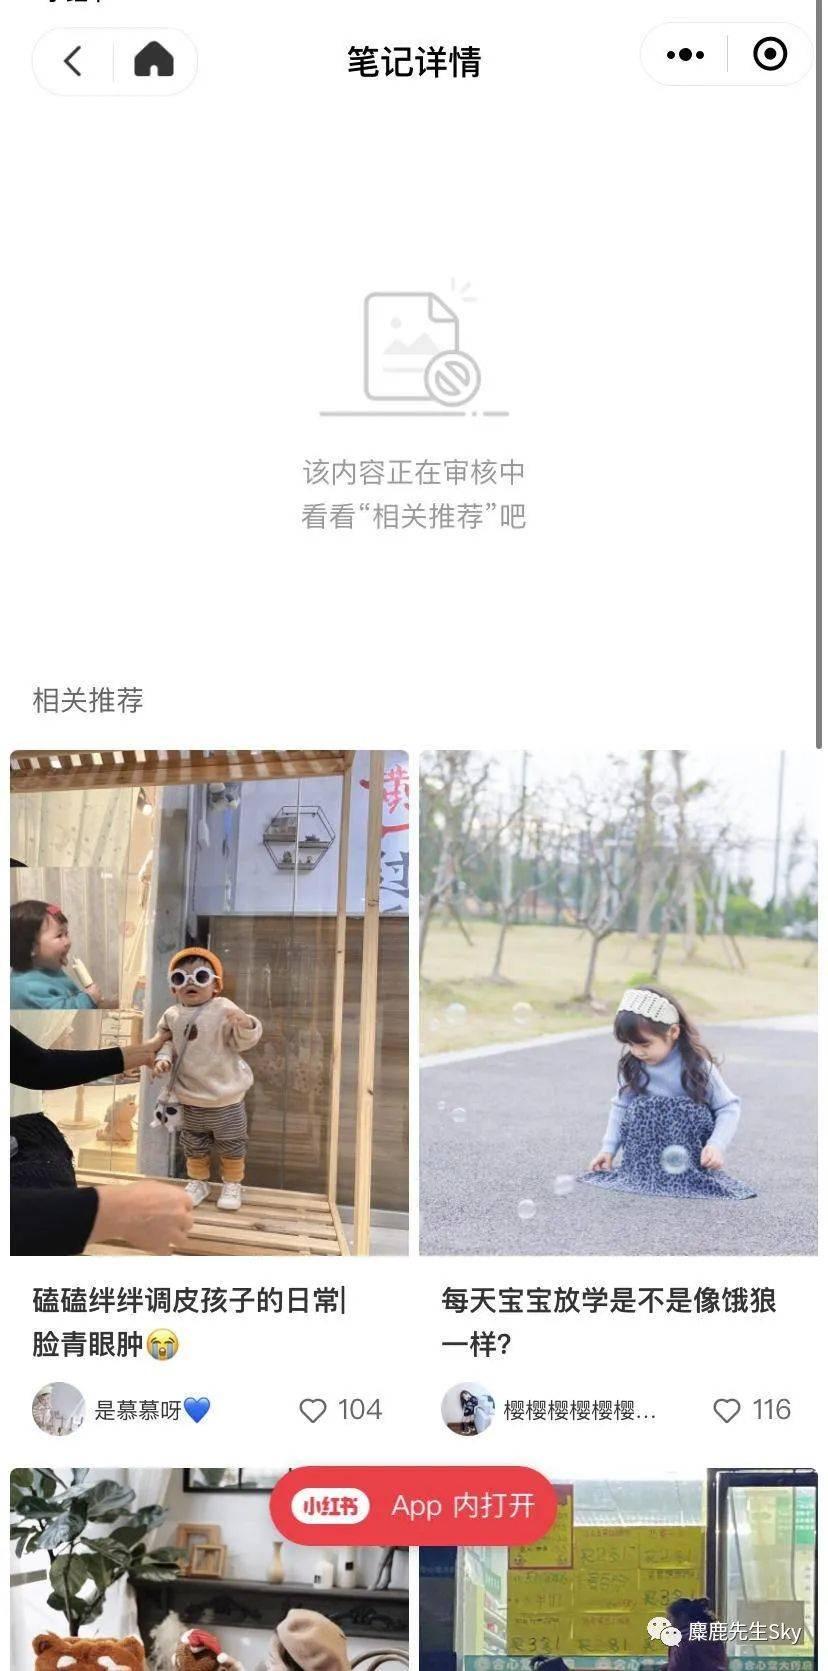 亚洲AV无码专区首页,新媒体,麋鹿先生Sky,小红书,总结,分享